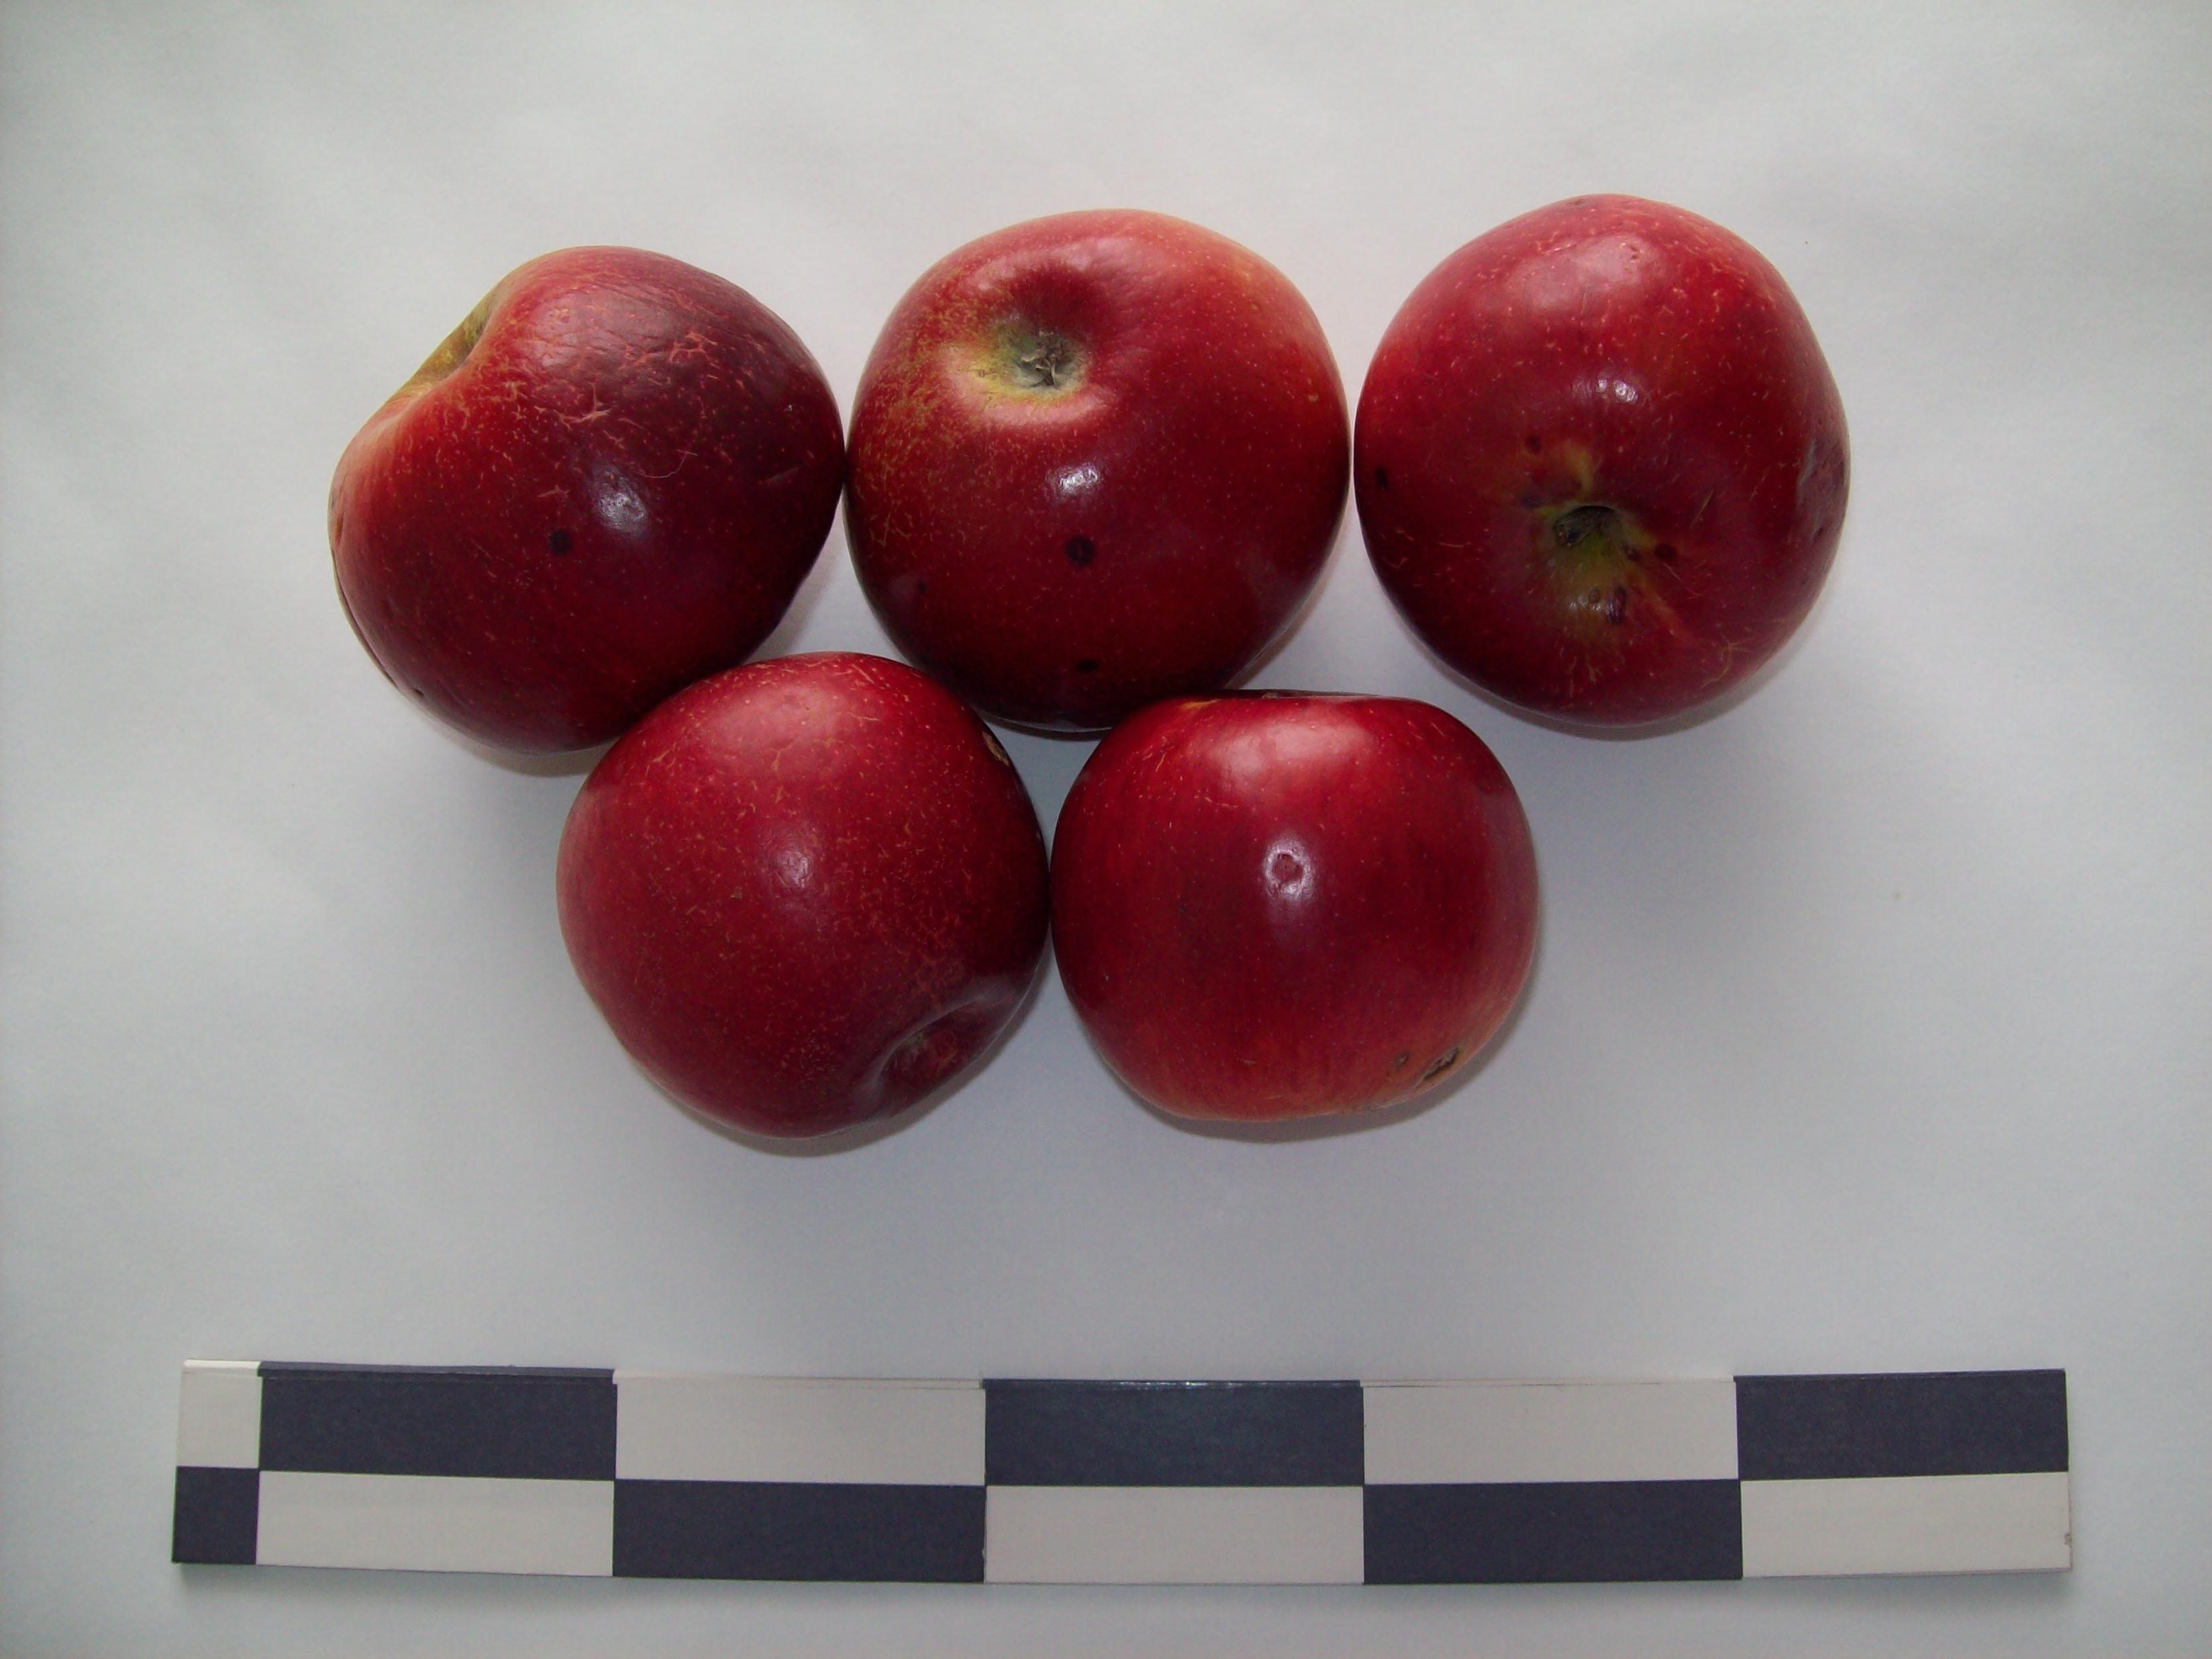 масштабного картинки сорта яблок джонатан как это парадоксально